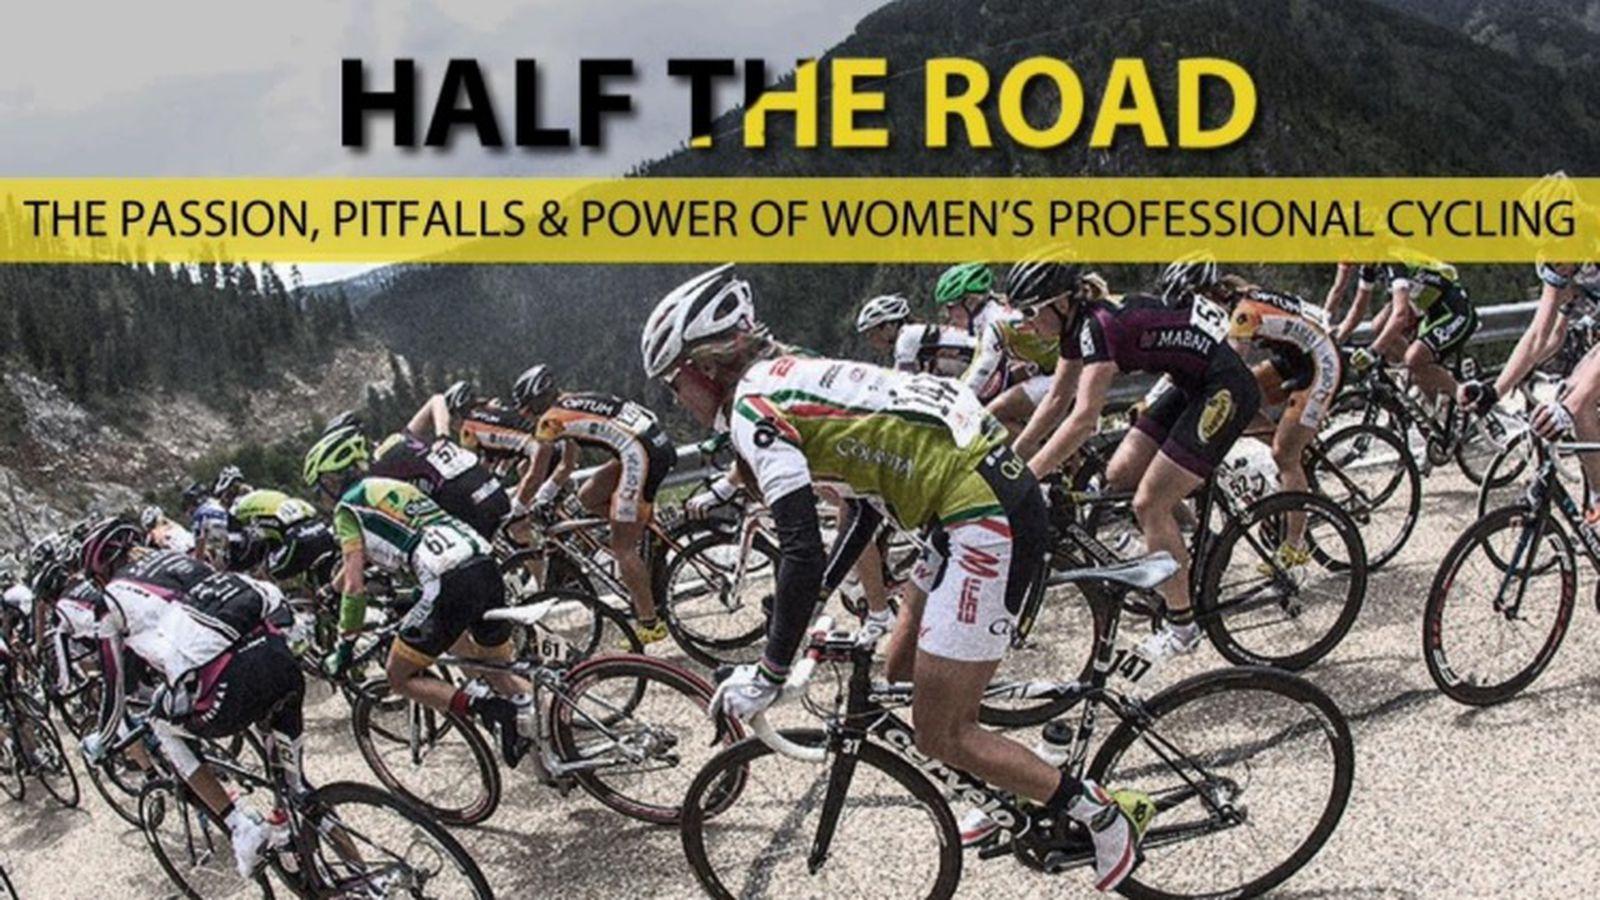 Showcasing the pitfalls of women's pro cycling